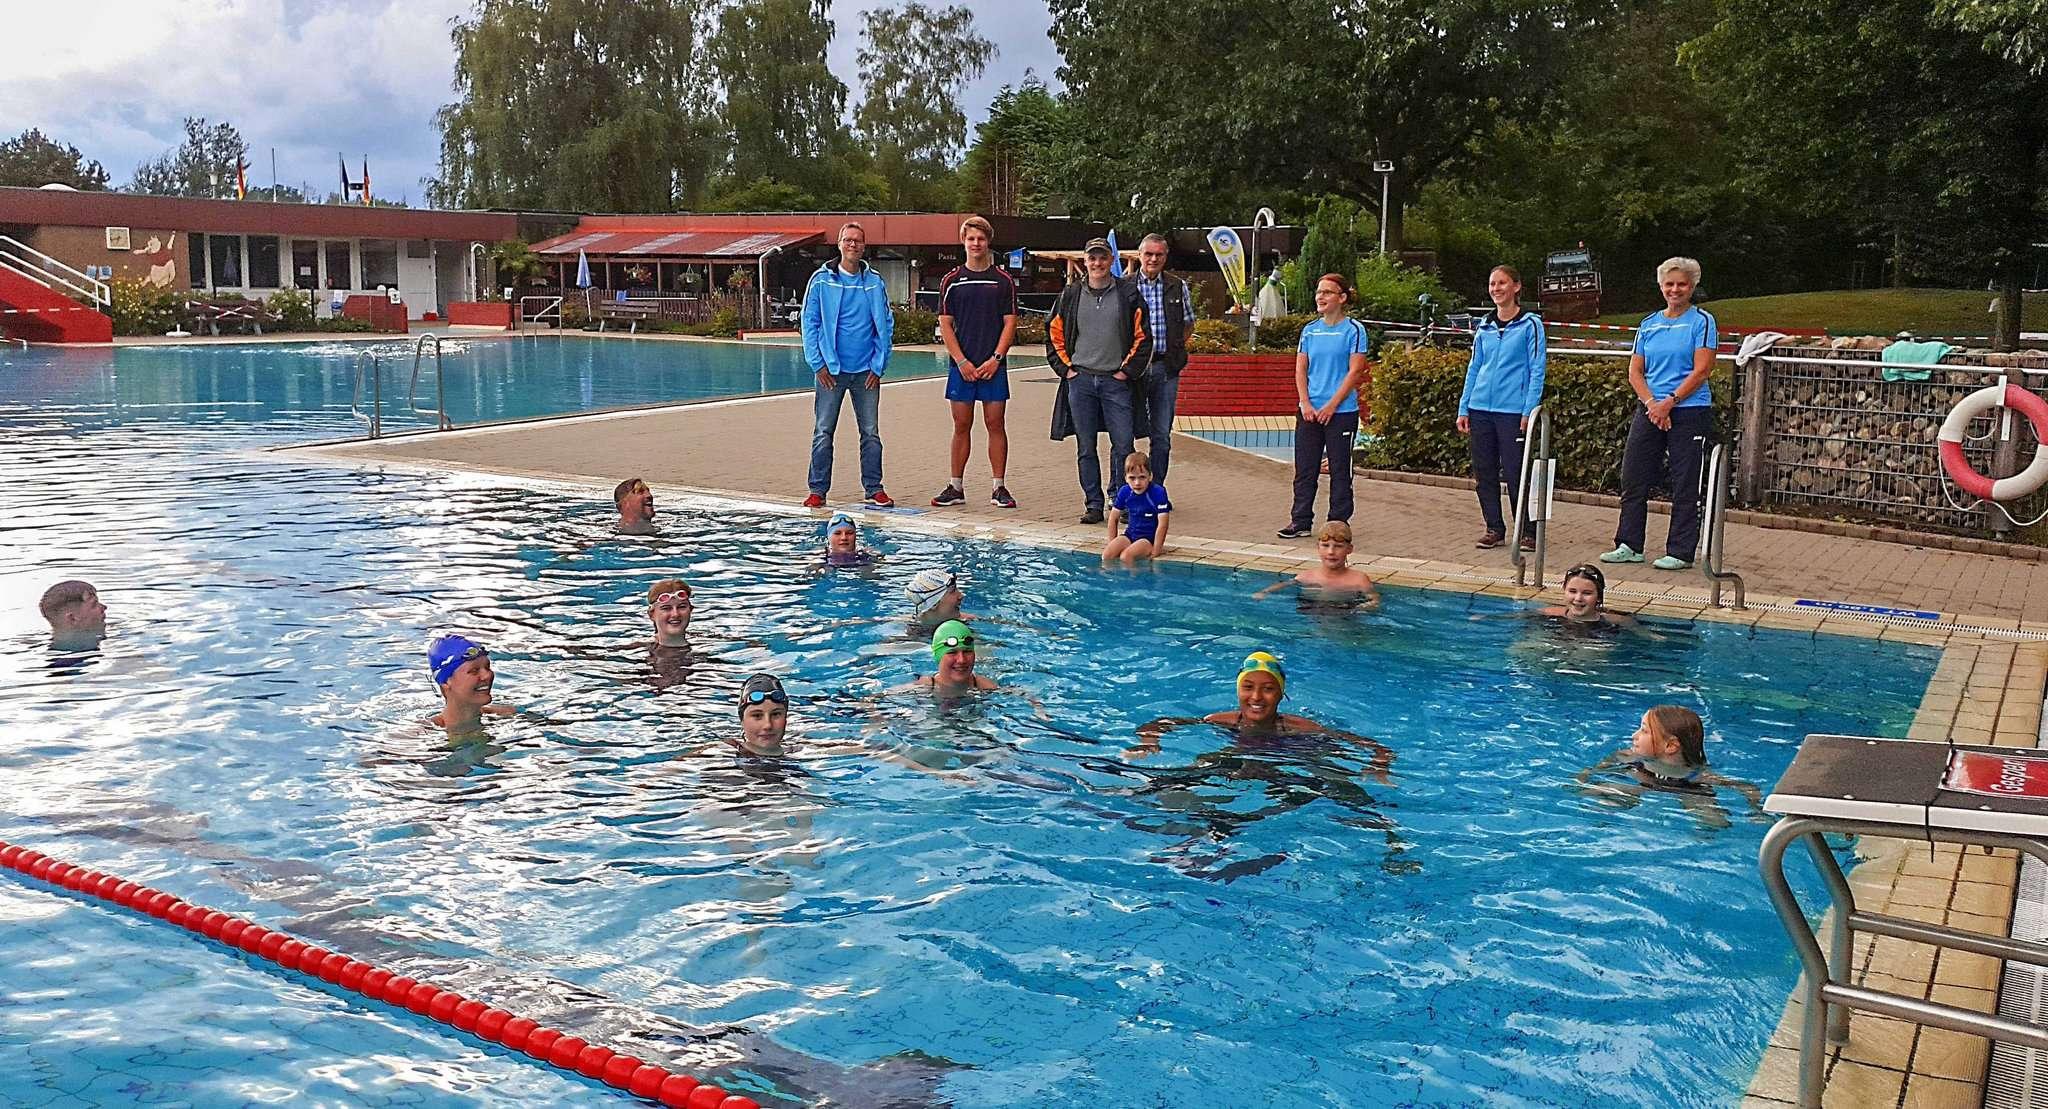 Vorübergehend im Heidebad untergekommen: ein Teil der Schwimmer des TSV Ottersberg mit Vorstand und Trainer. Foto: Tobias Woelki